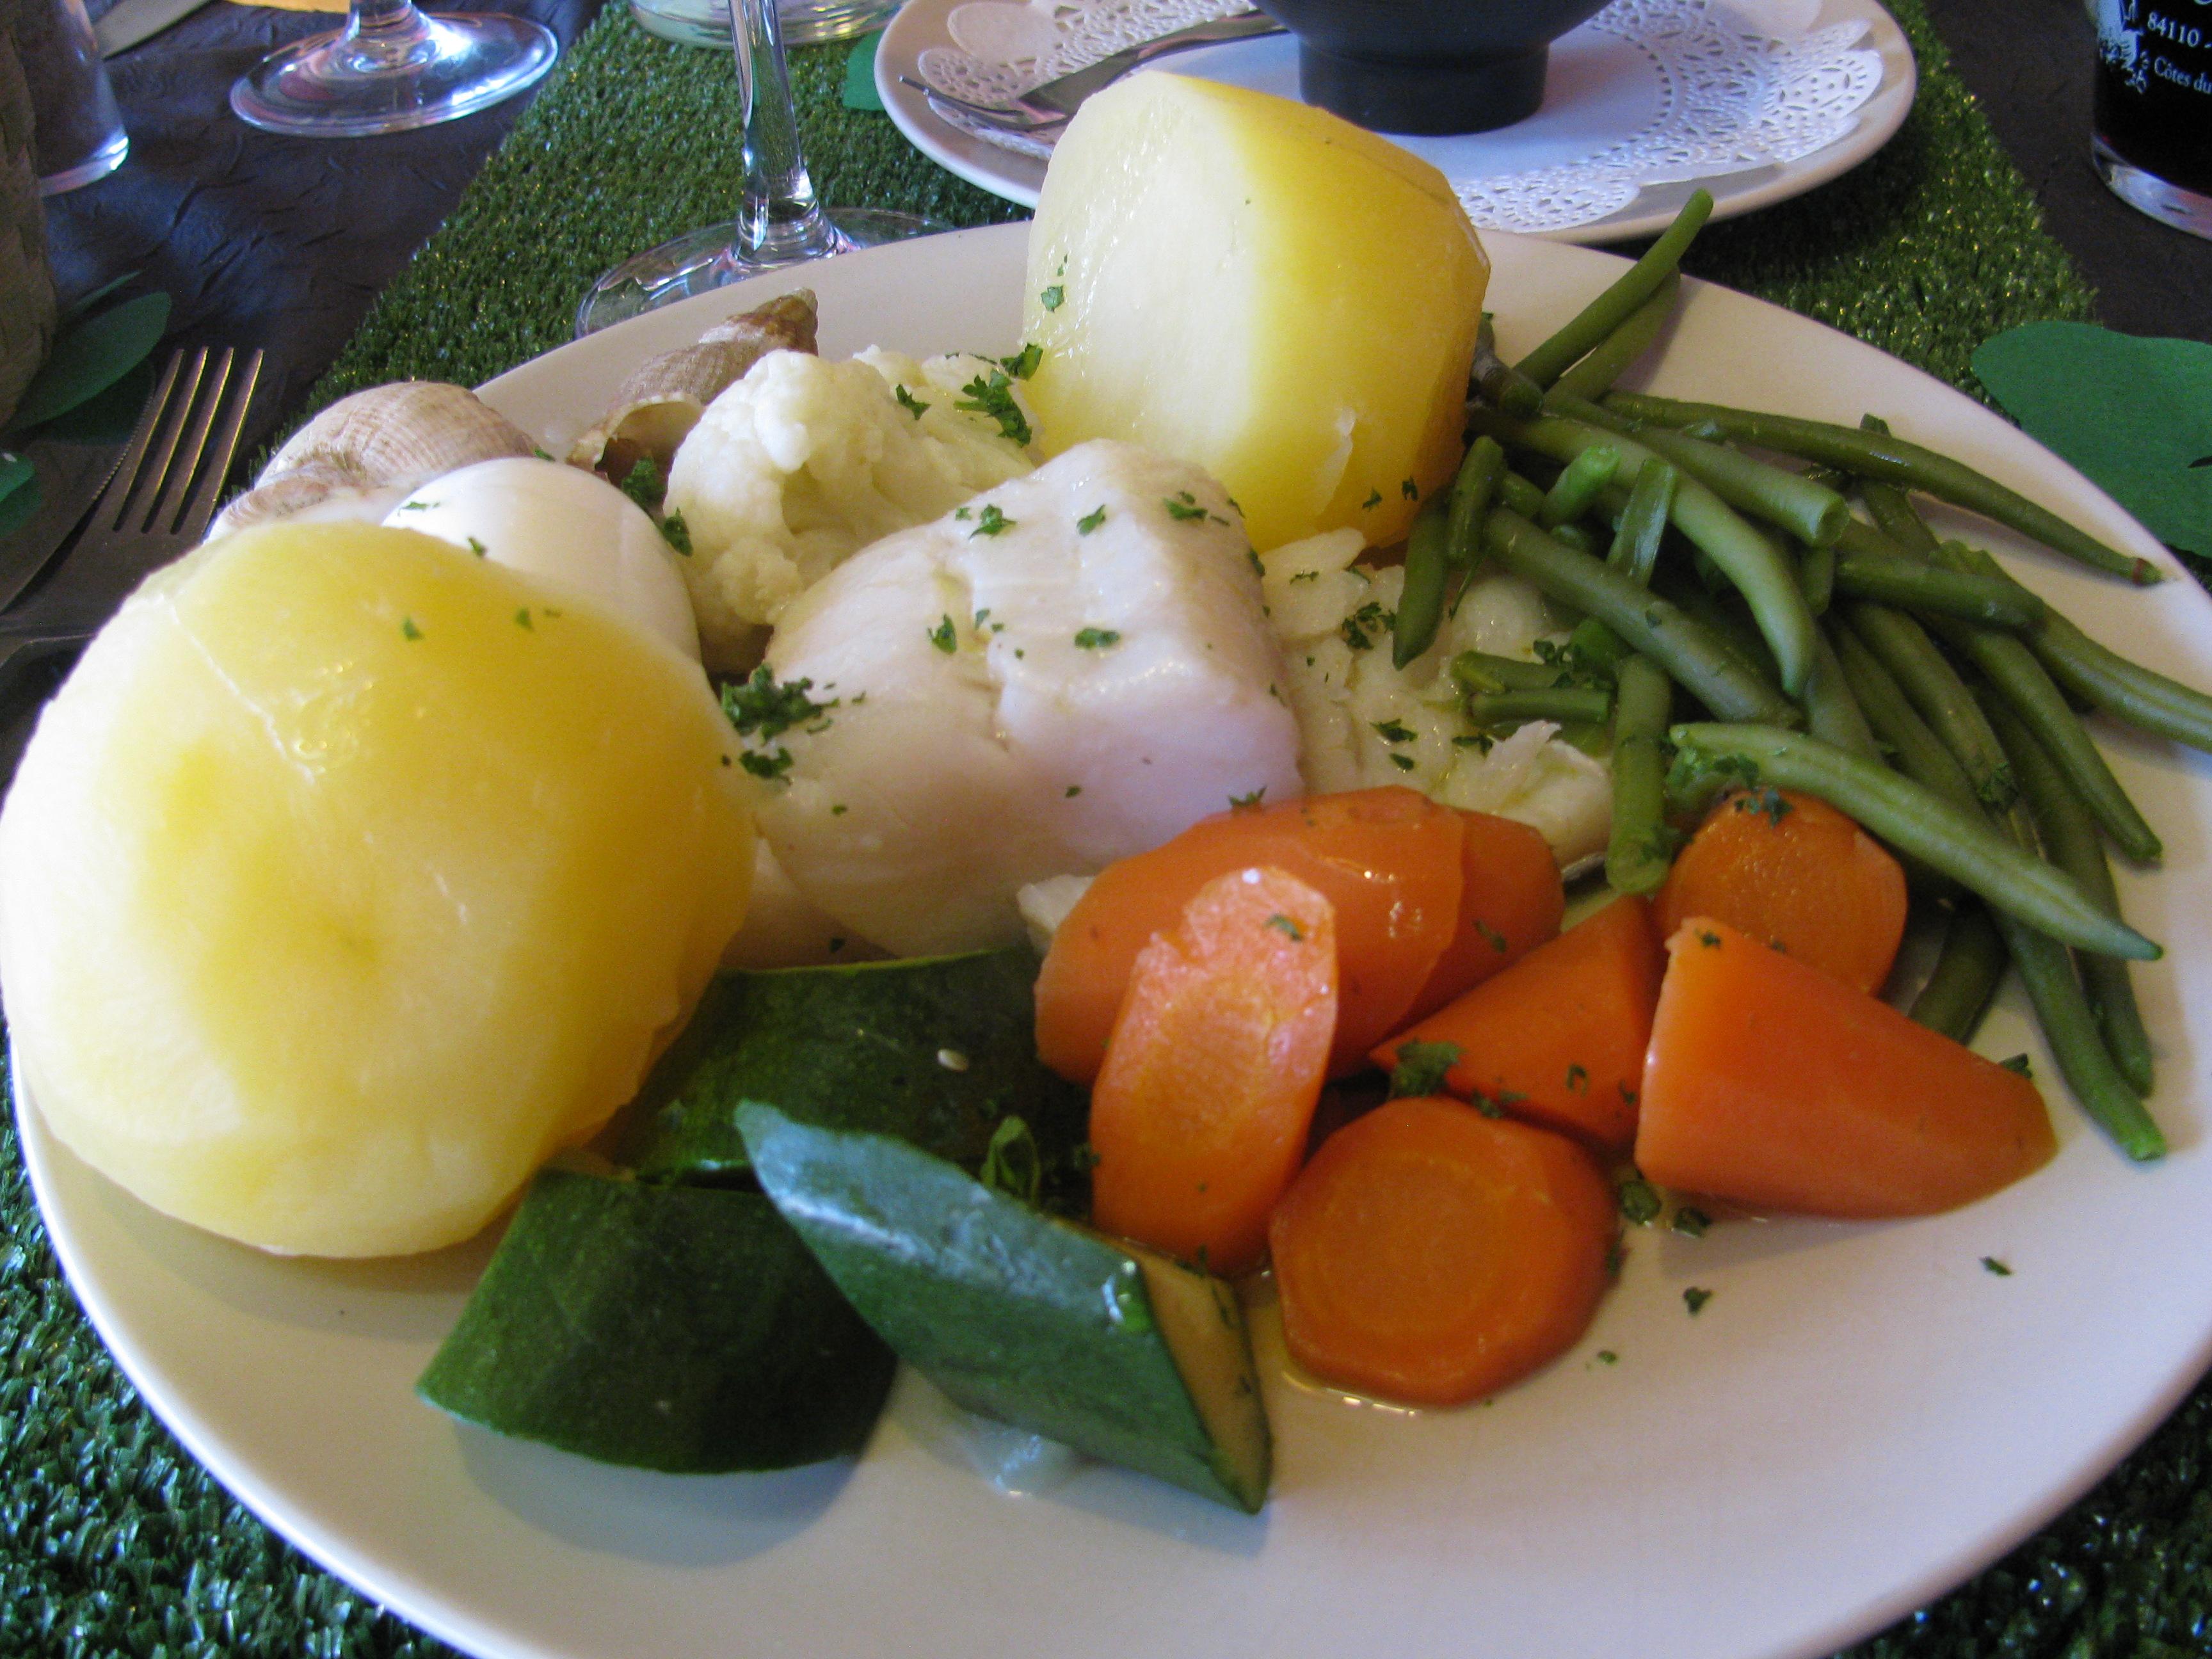 Les spécialités culinaires de la Côte d'Azur